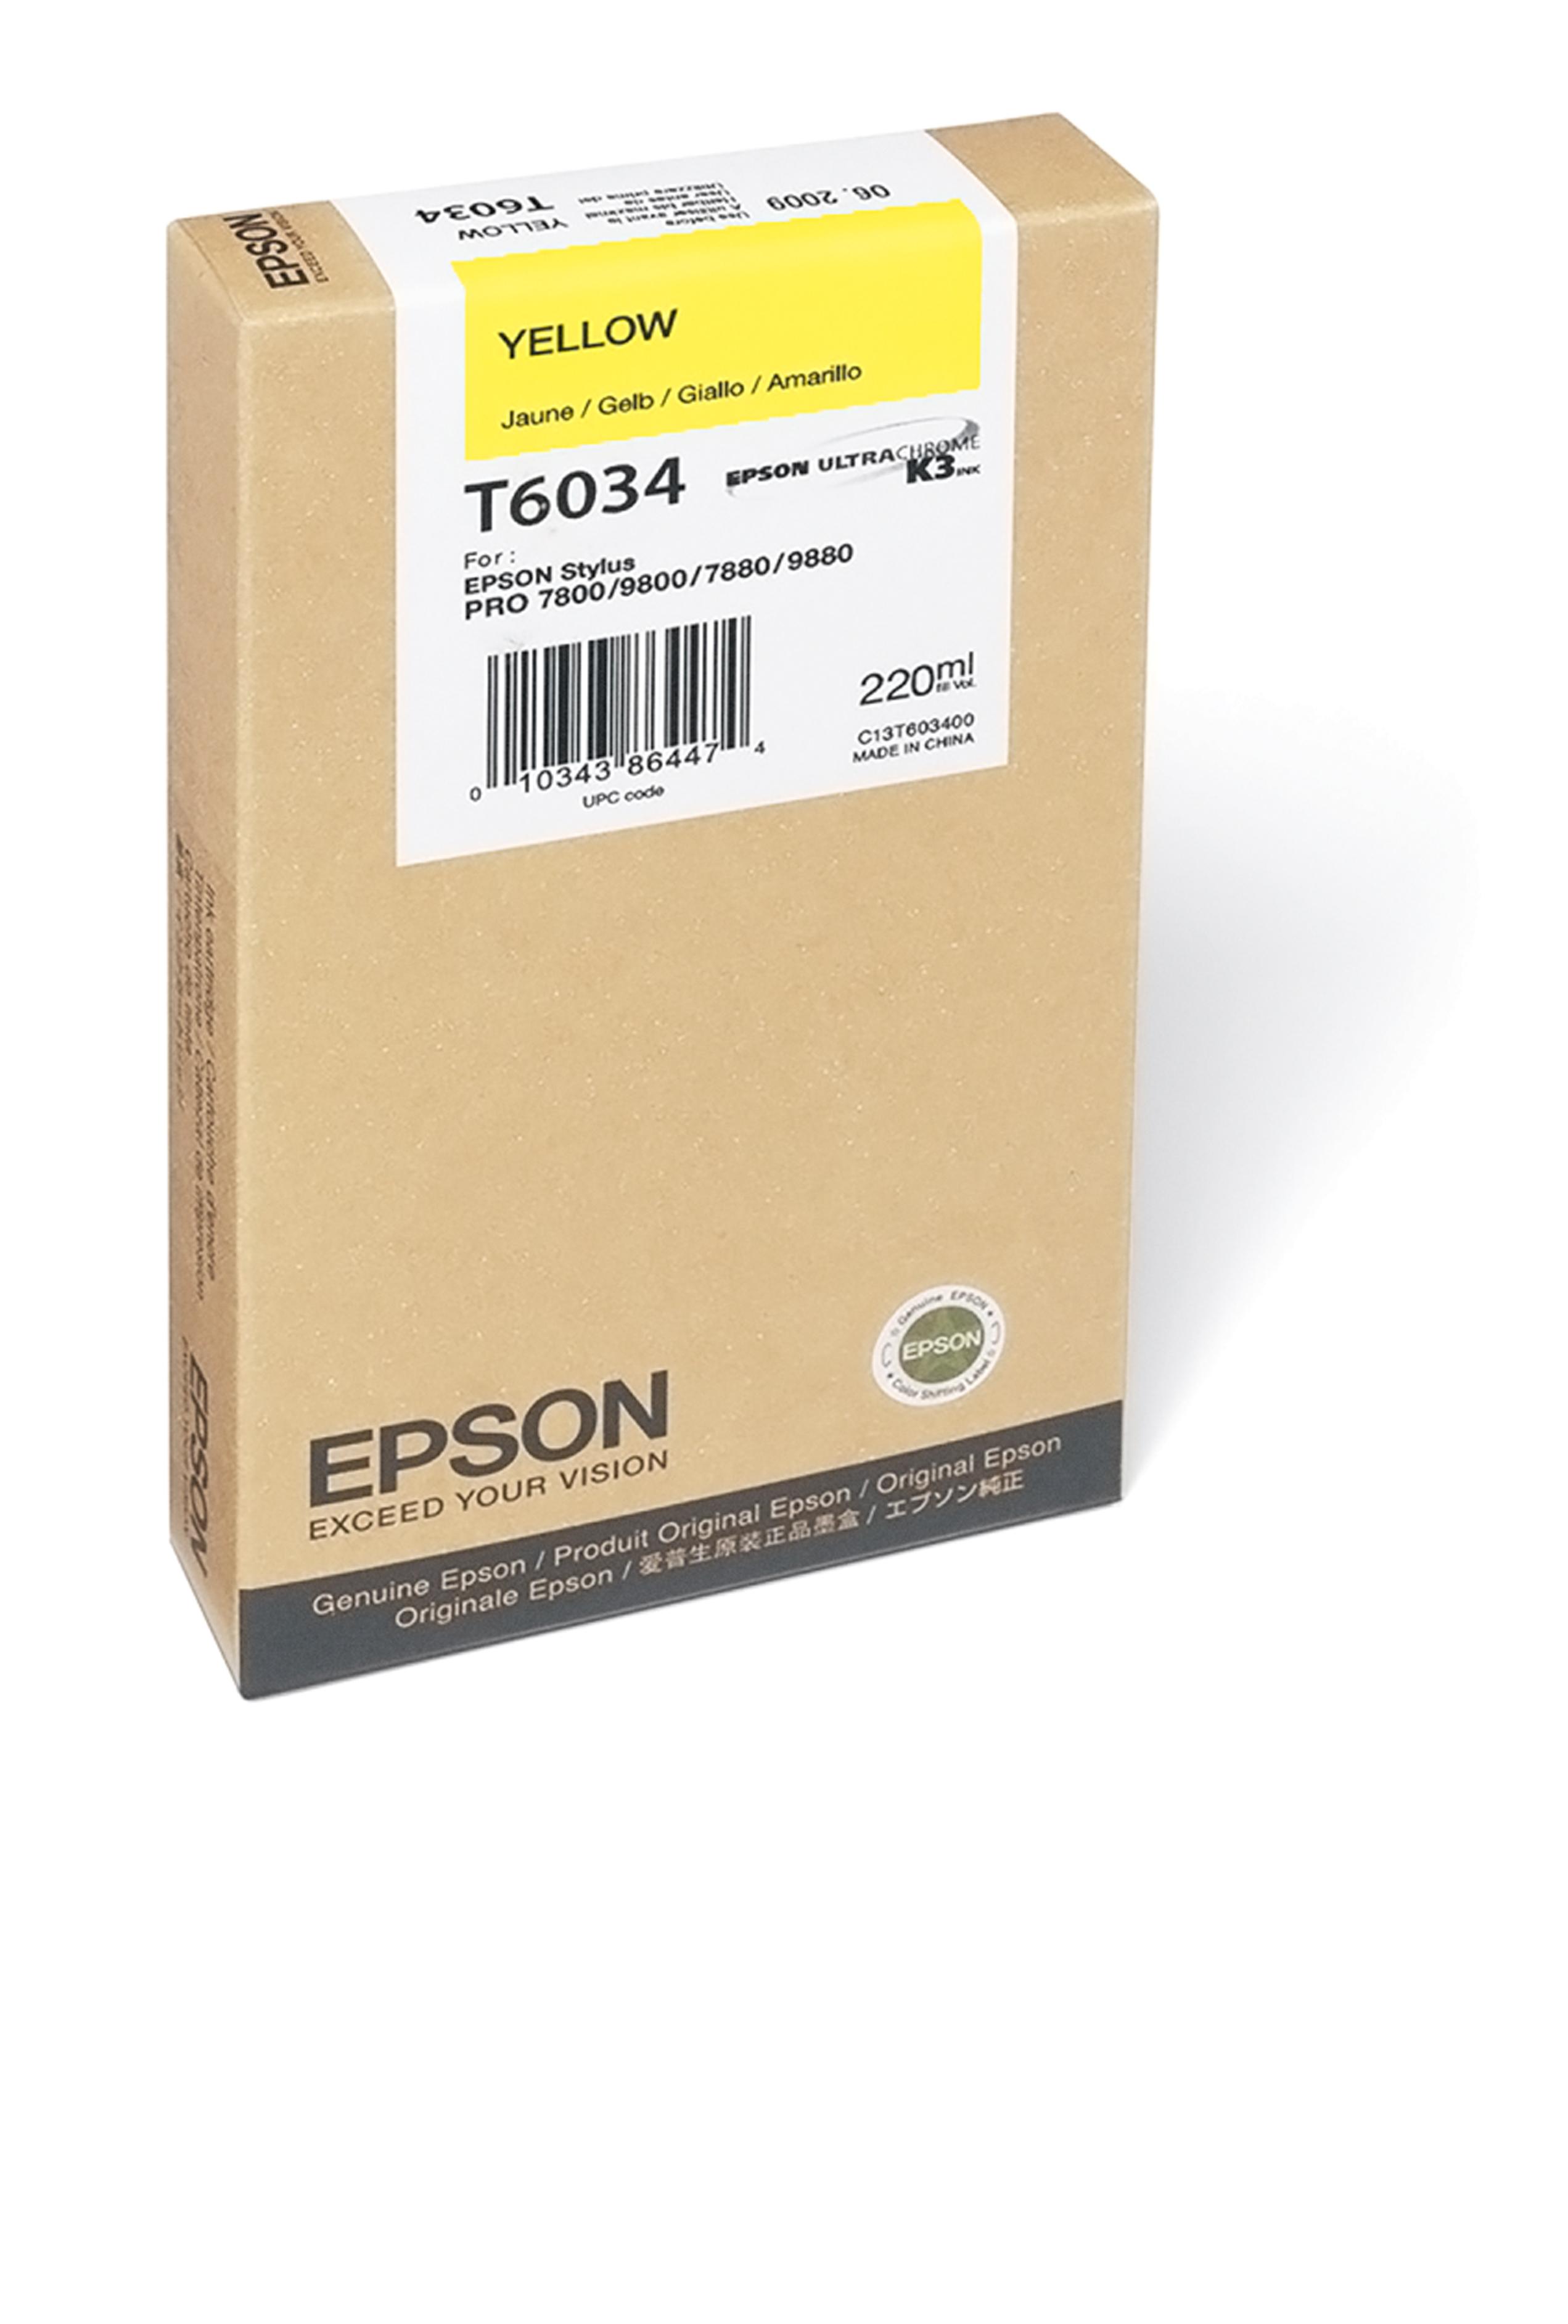 Epson EPSON SD YELLOW INK (220 ML) (T603400)